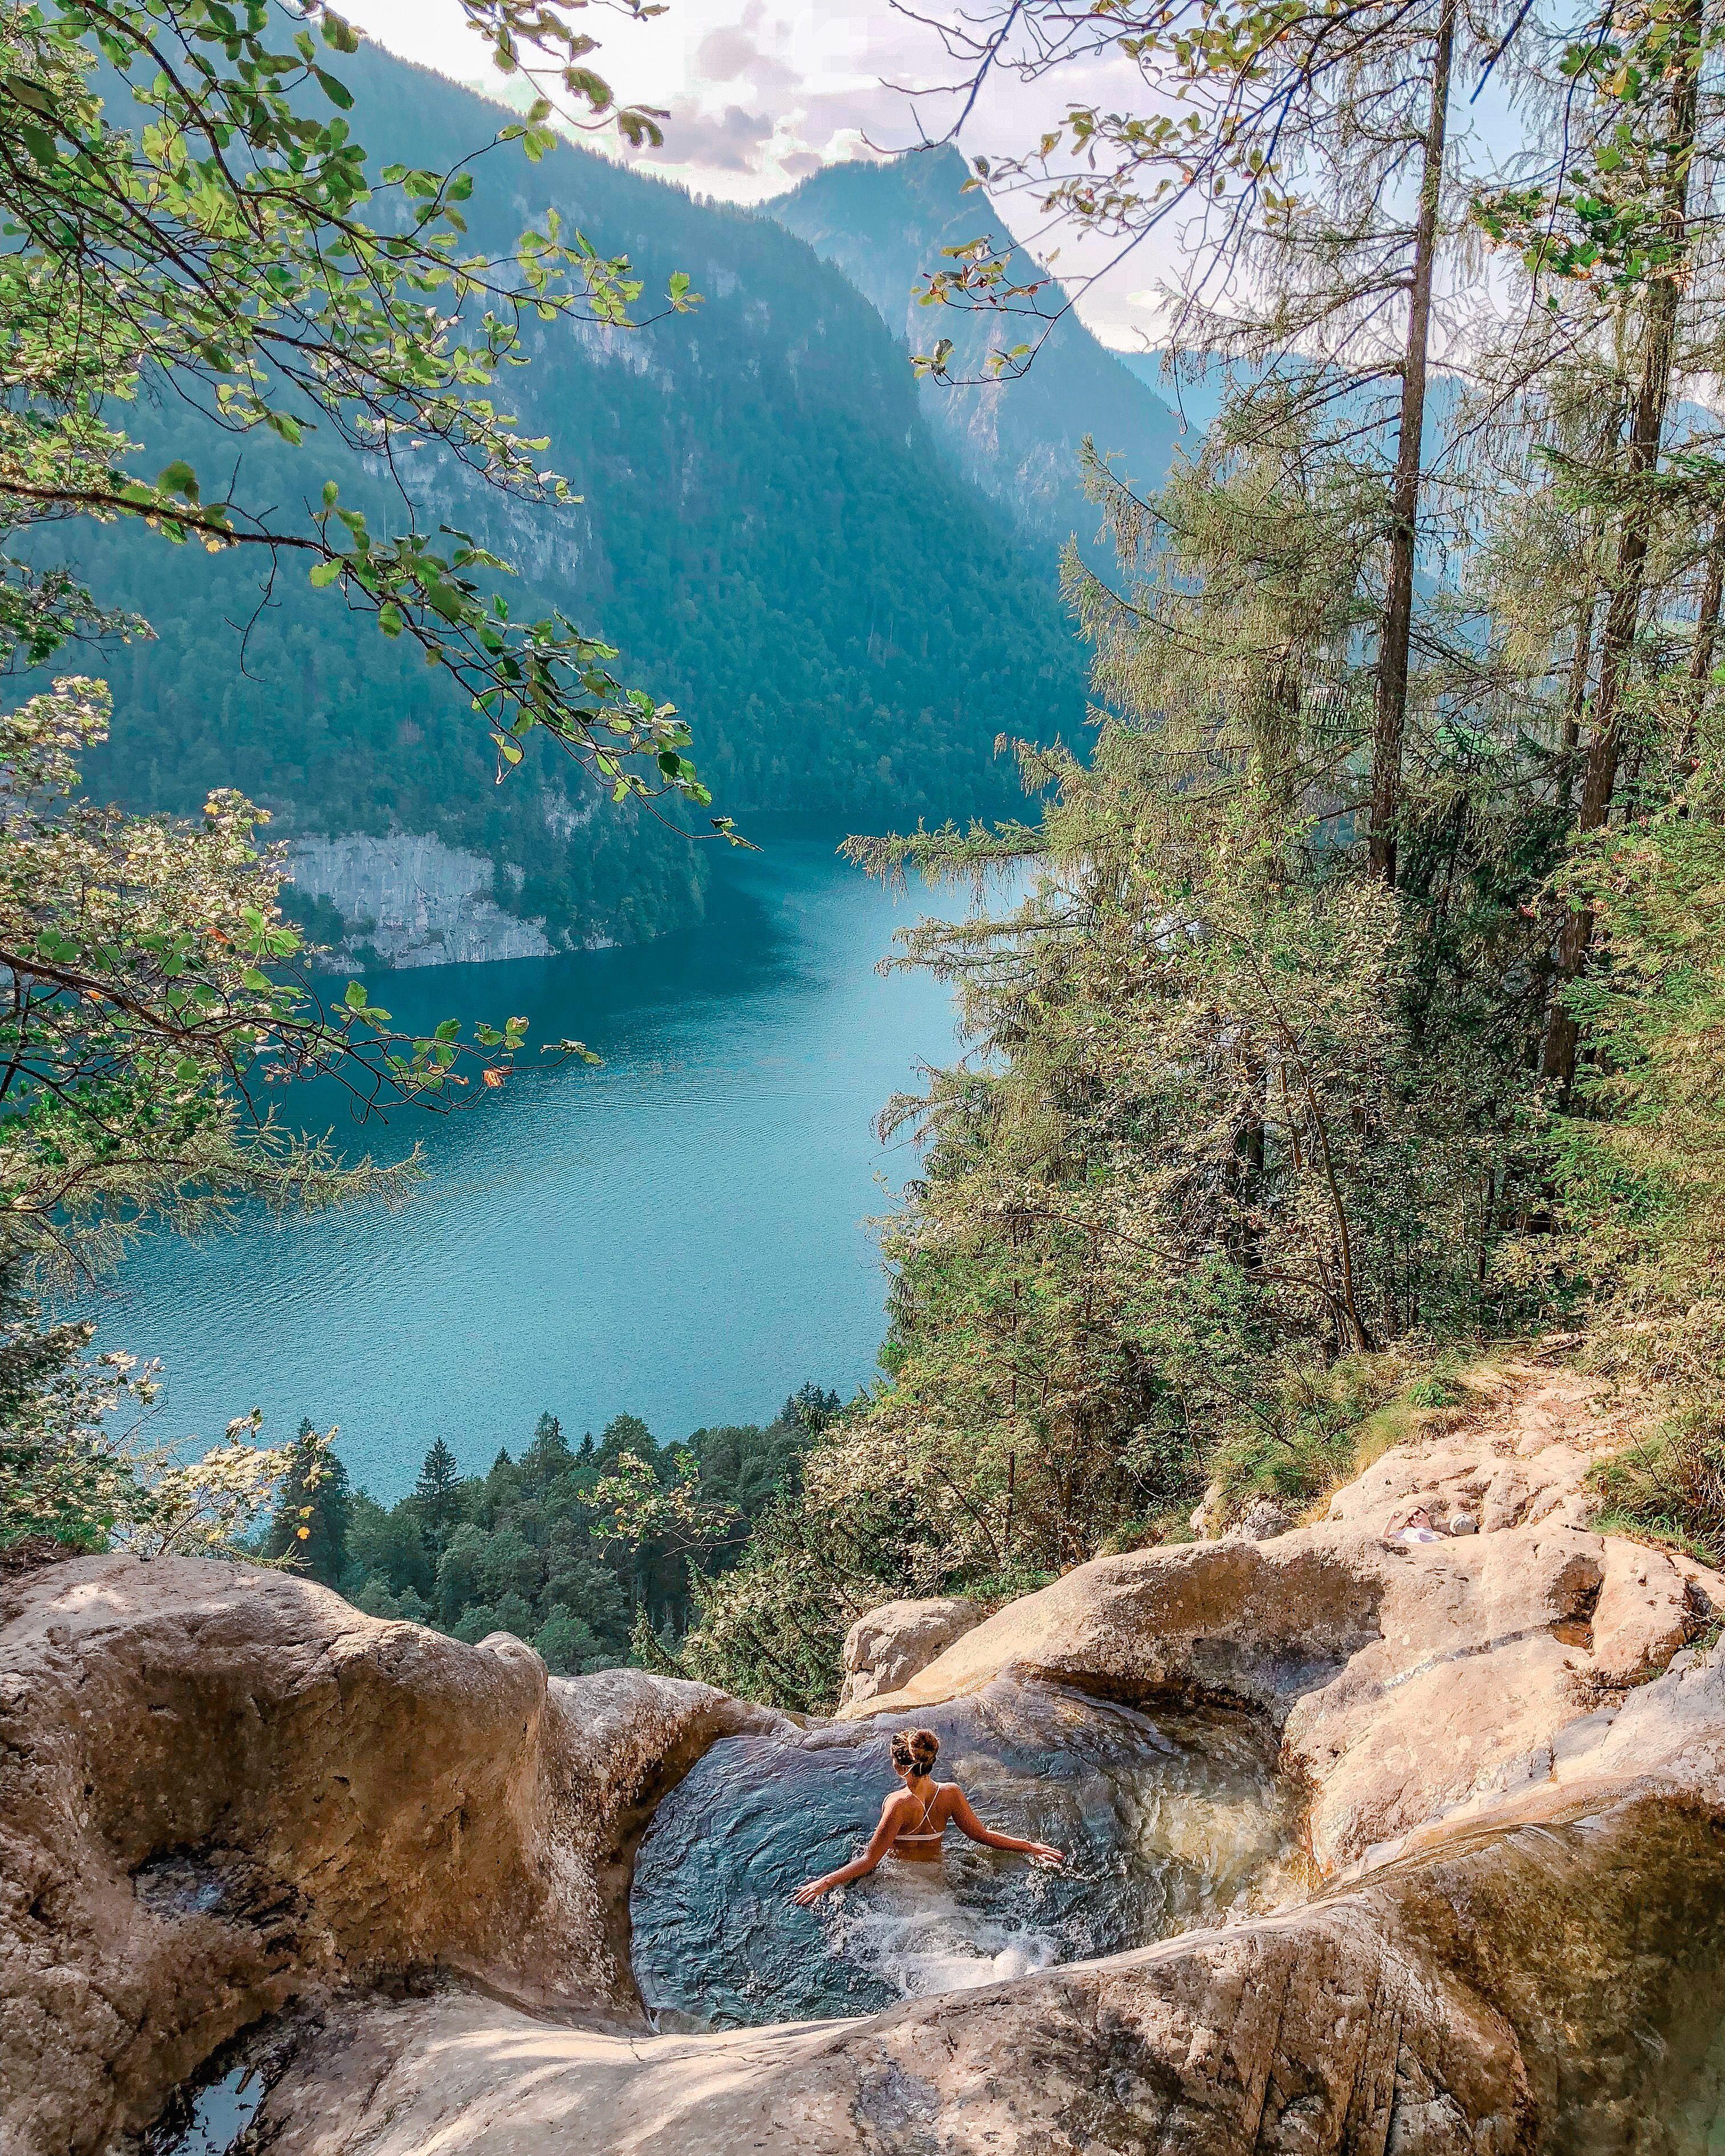 Naturpool Konigssee Bayern Deutschland Natur Bad Urlaub Bayern Urlaub In Deutschland